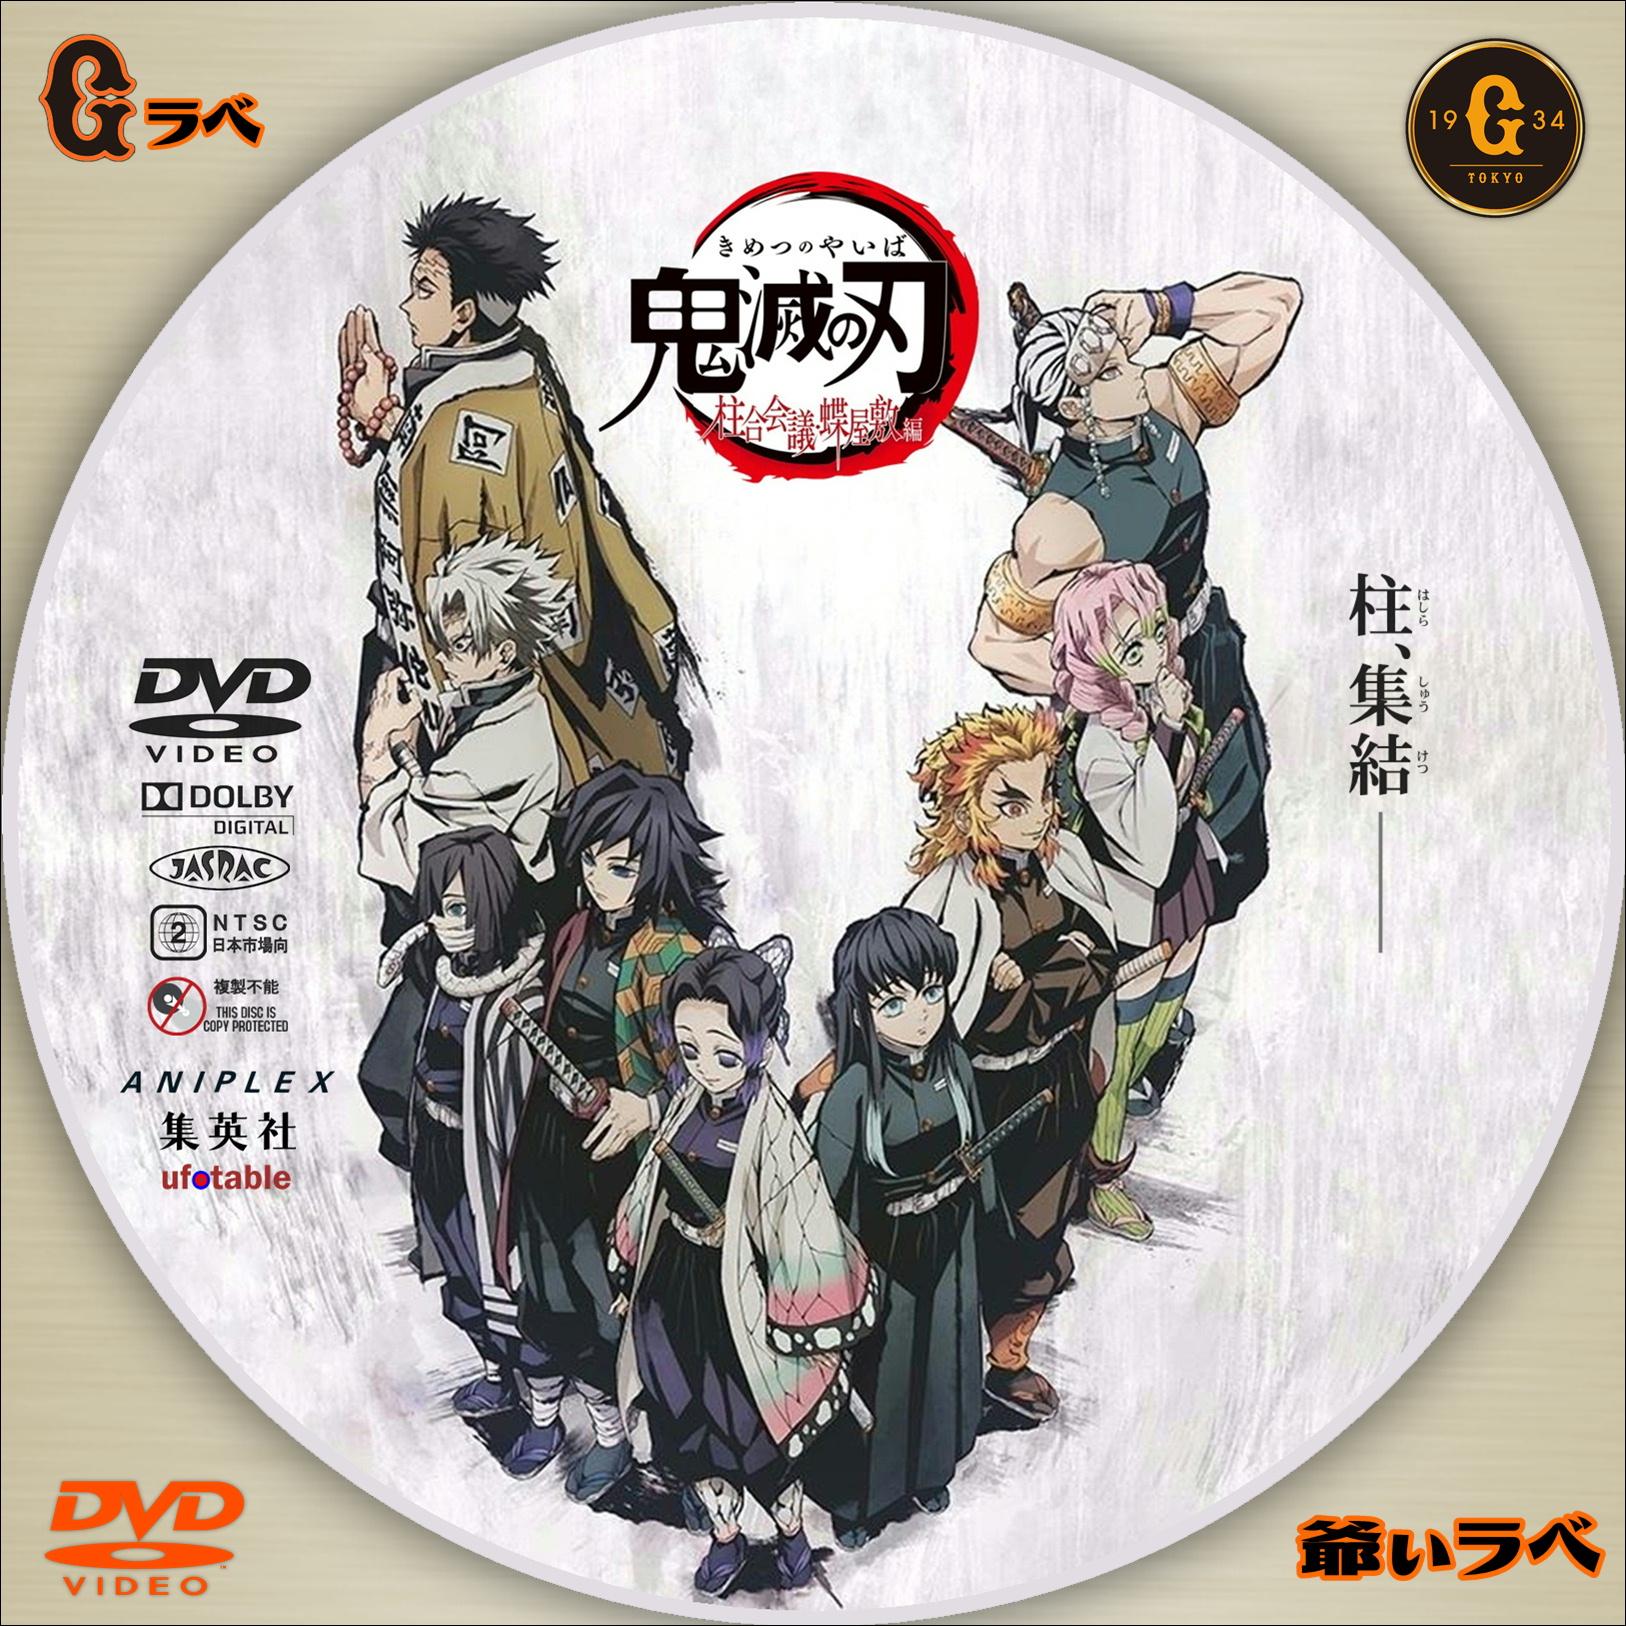 鬼 滅 の 刃 dvd ラベル